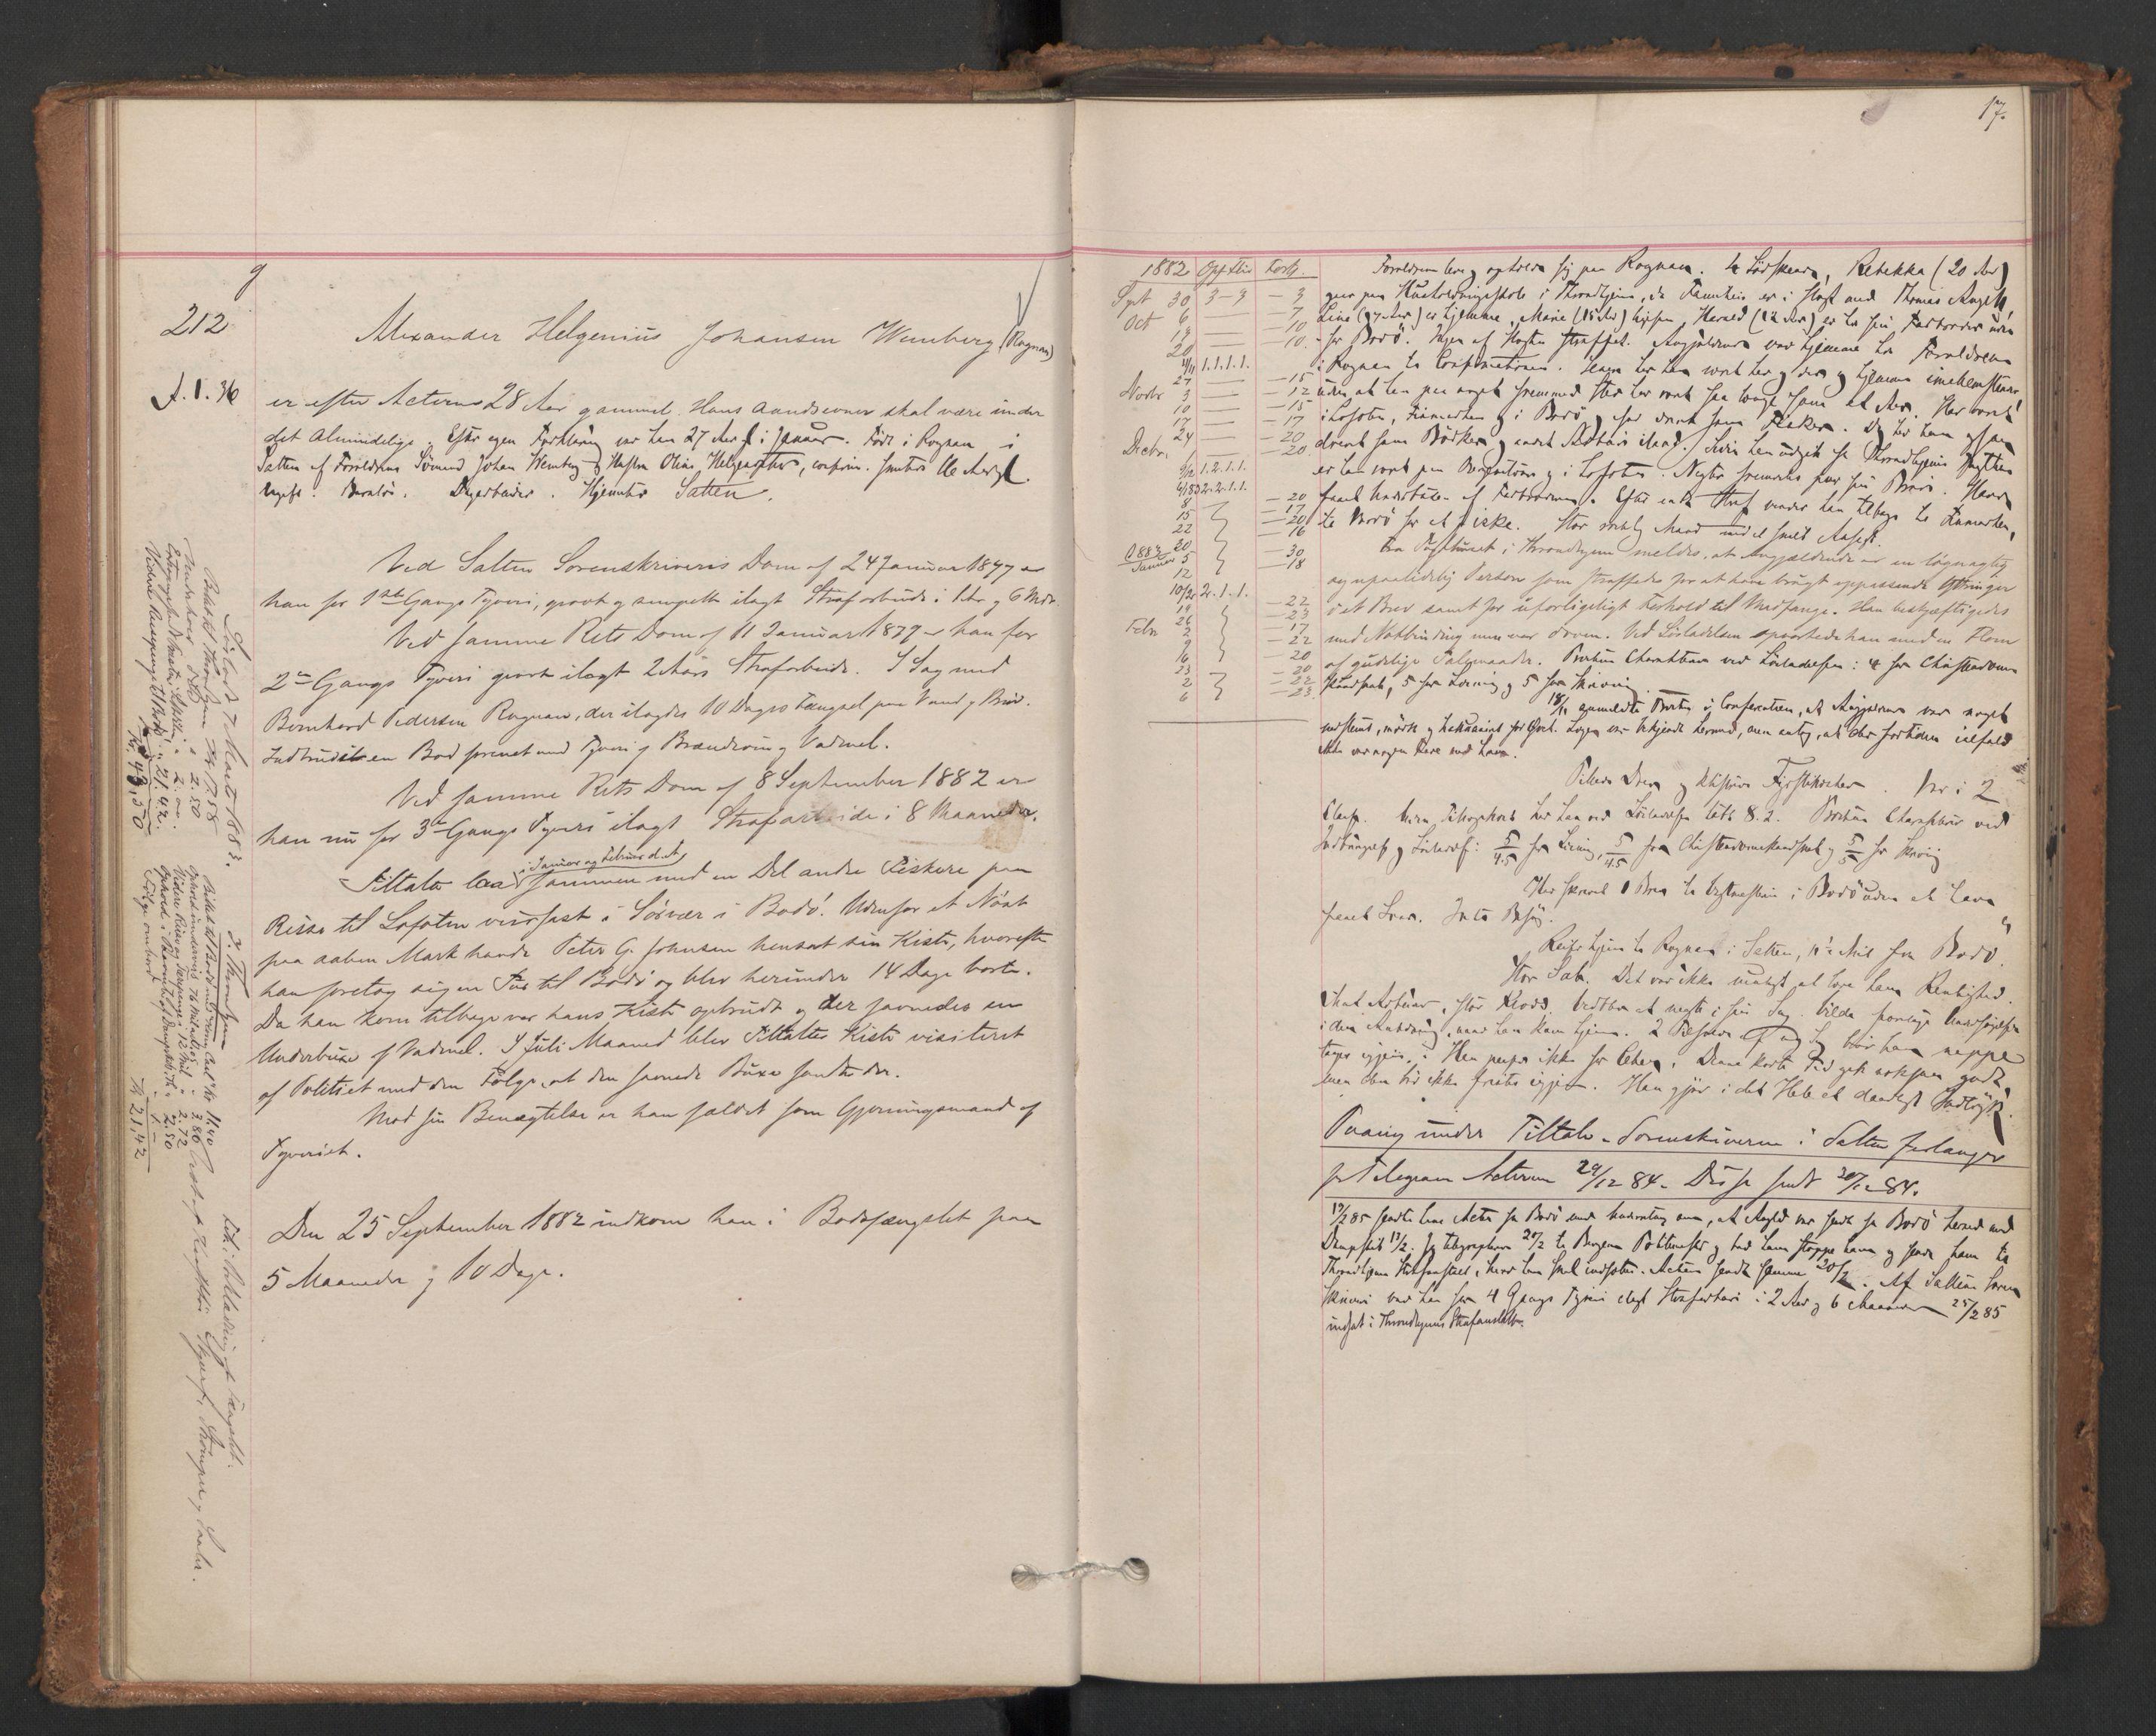 RA, Botsfengslet, D/Db/Dbb/L0021: 196g - 484g, 1882-1884, p. 17